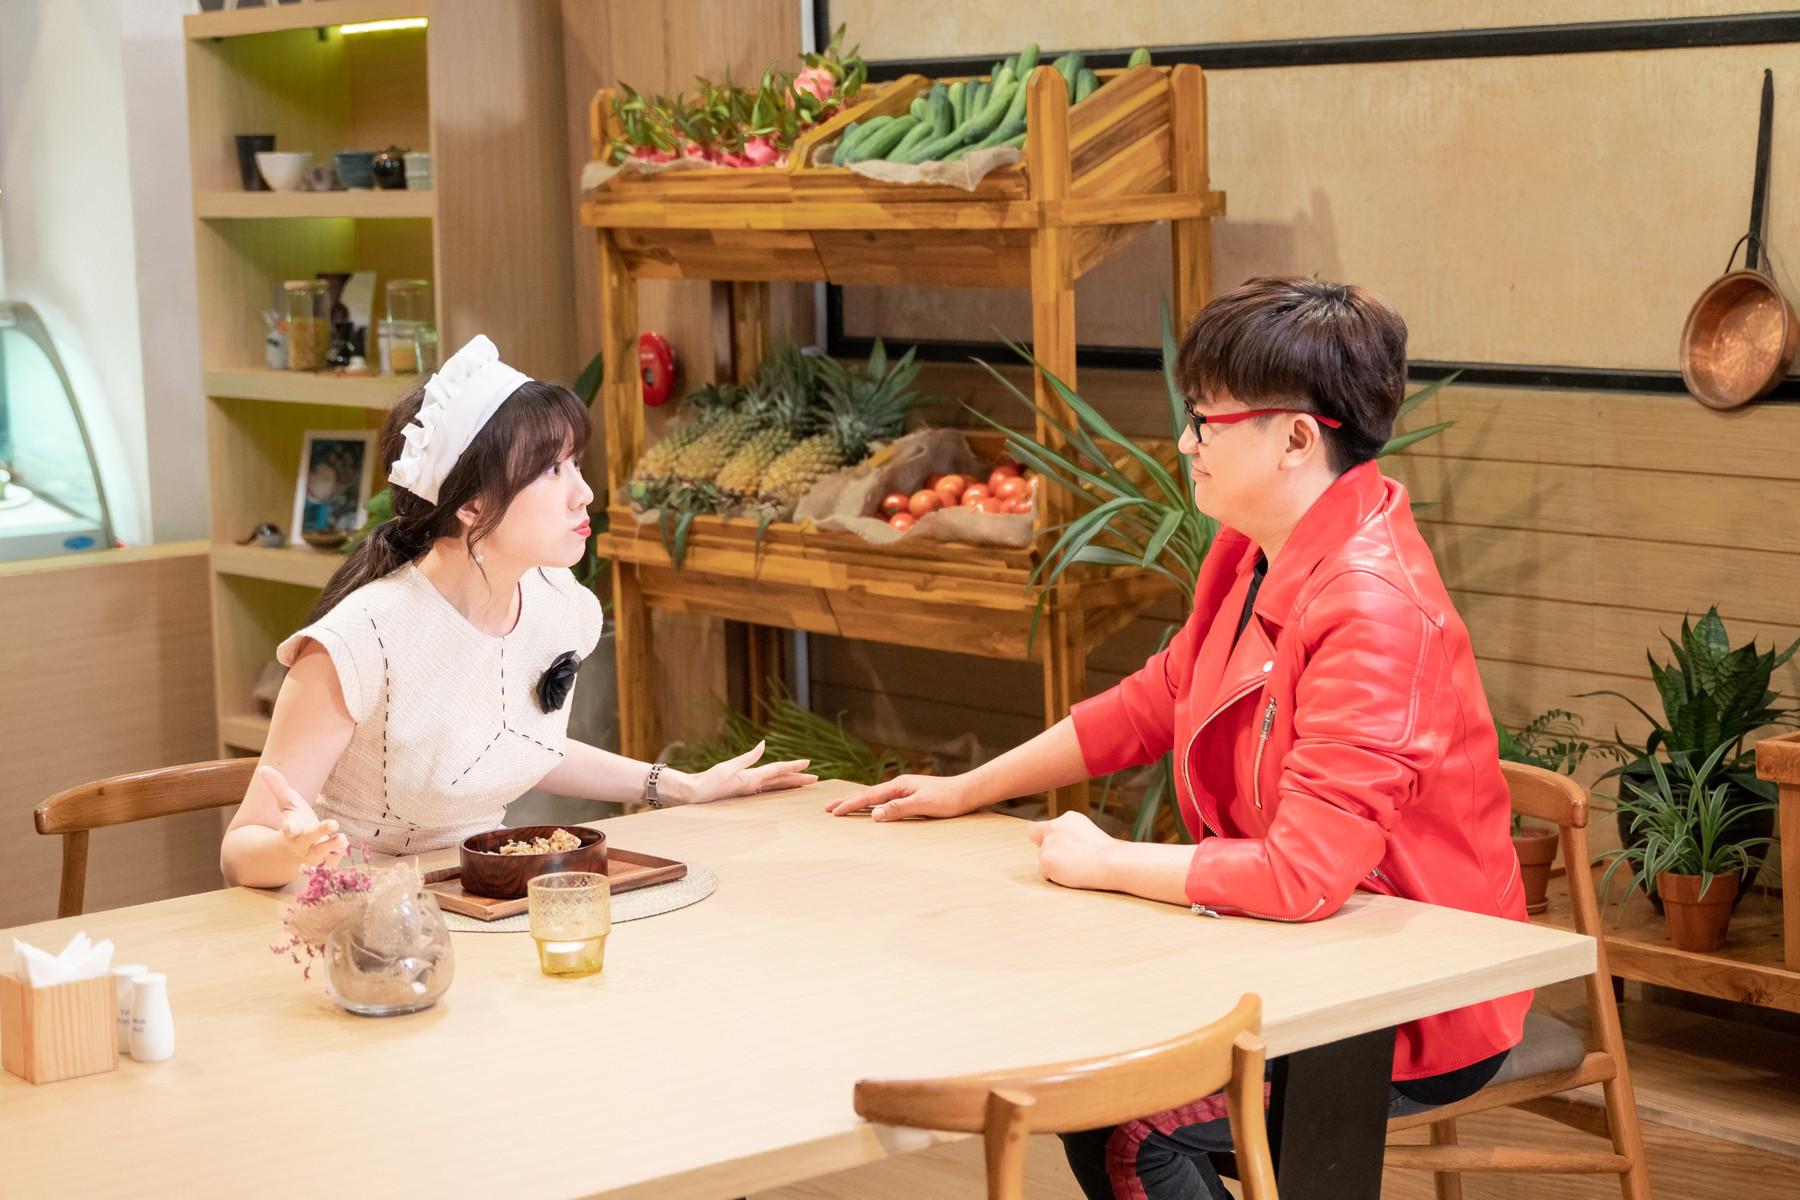 Làm nữ phục vụ xinh xắn, Hari Won bị than phiền vì thường xuyên xin ăn của đồng nghiệp  - Ảnh 2.